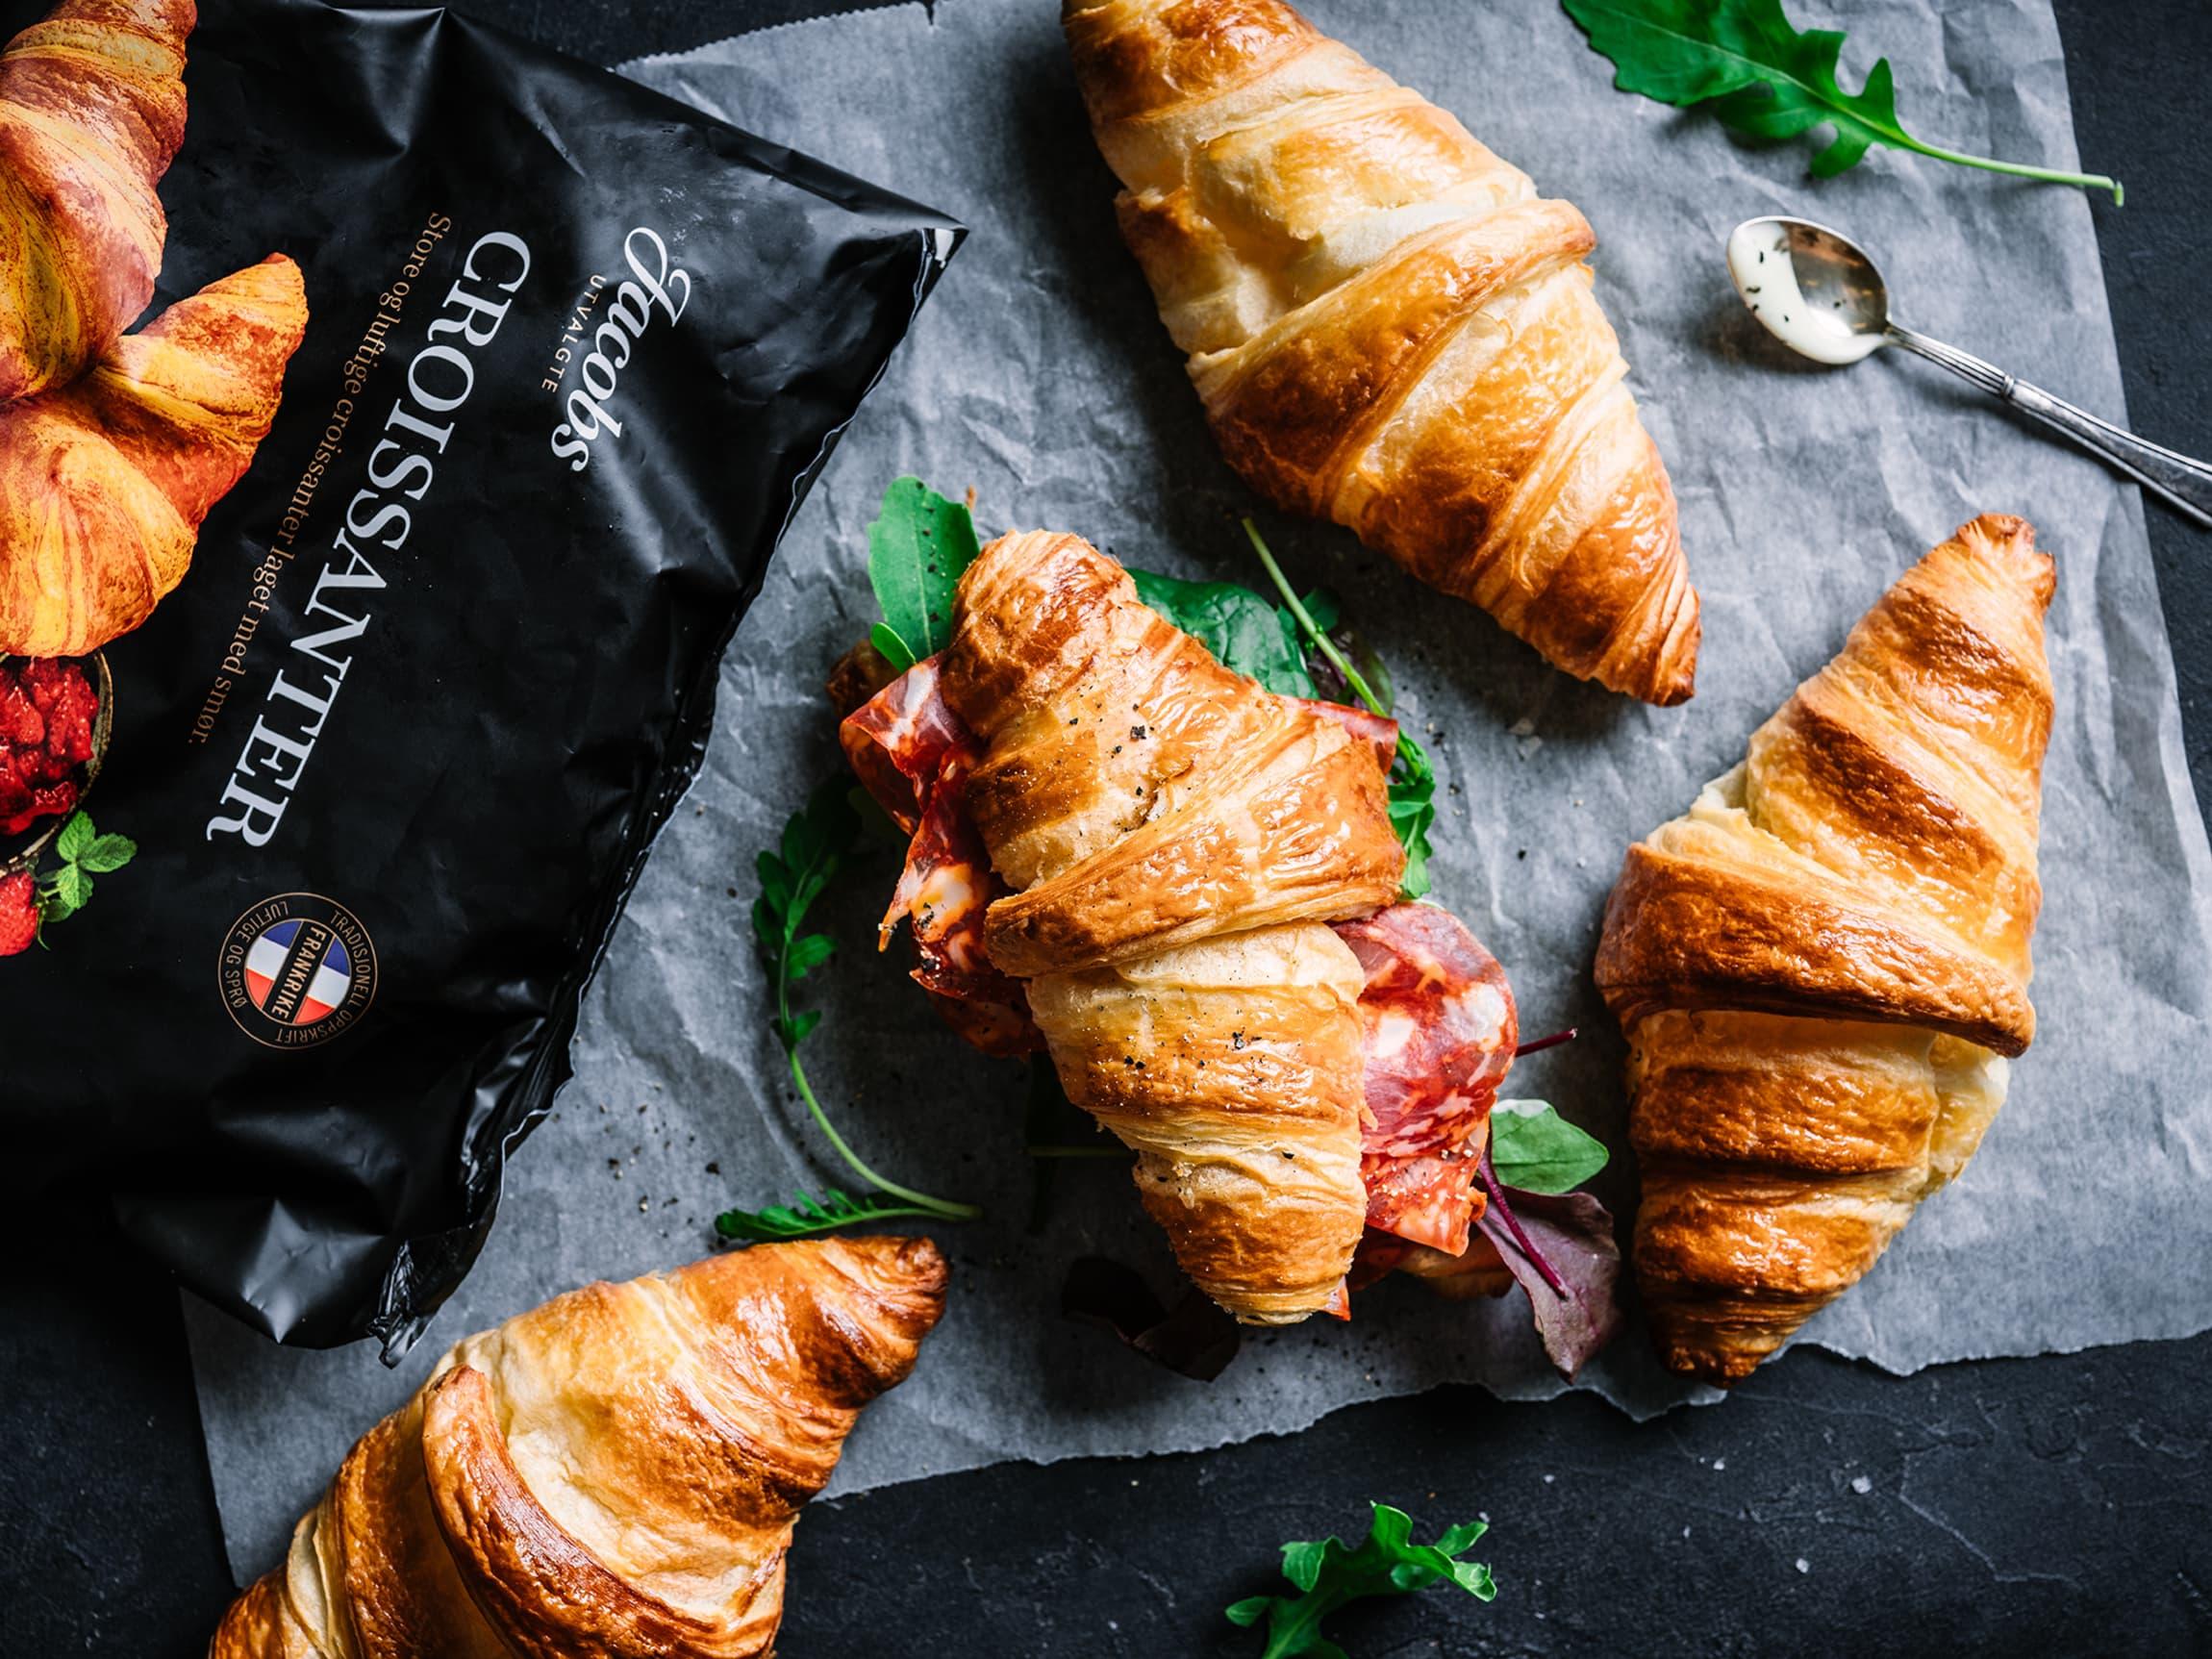 Croissanter er nydelig til frokost. Prøv gjerne med pålegg på!